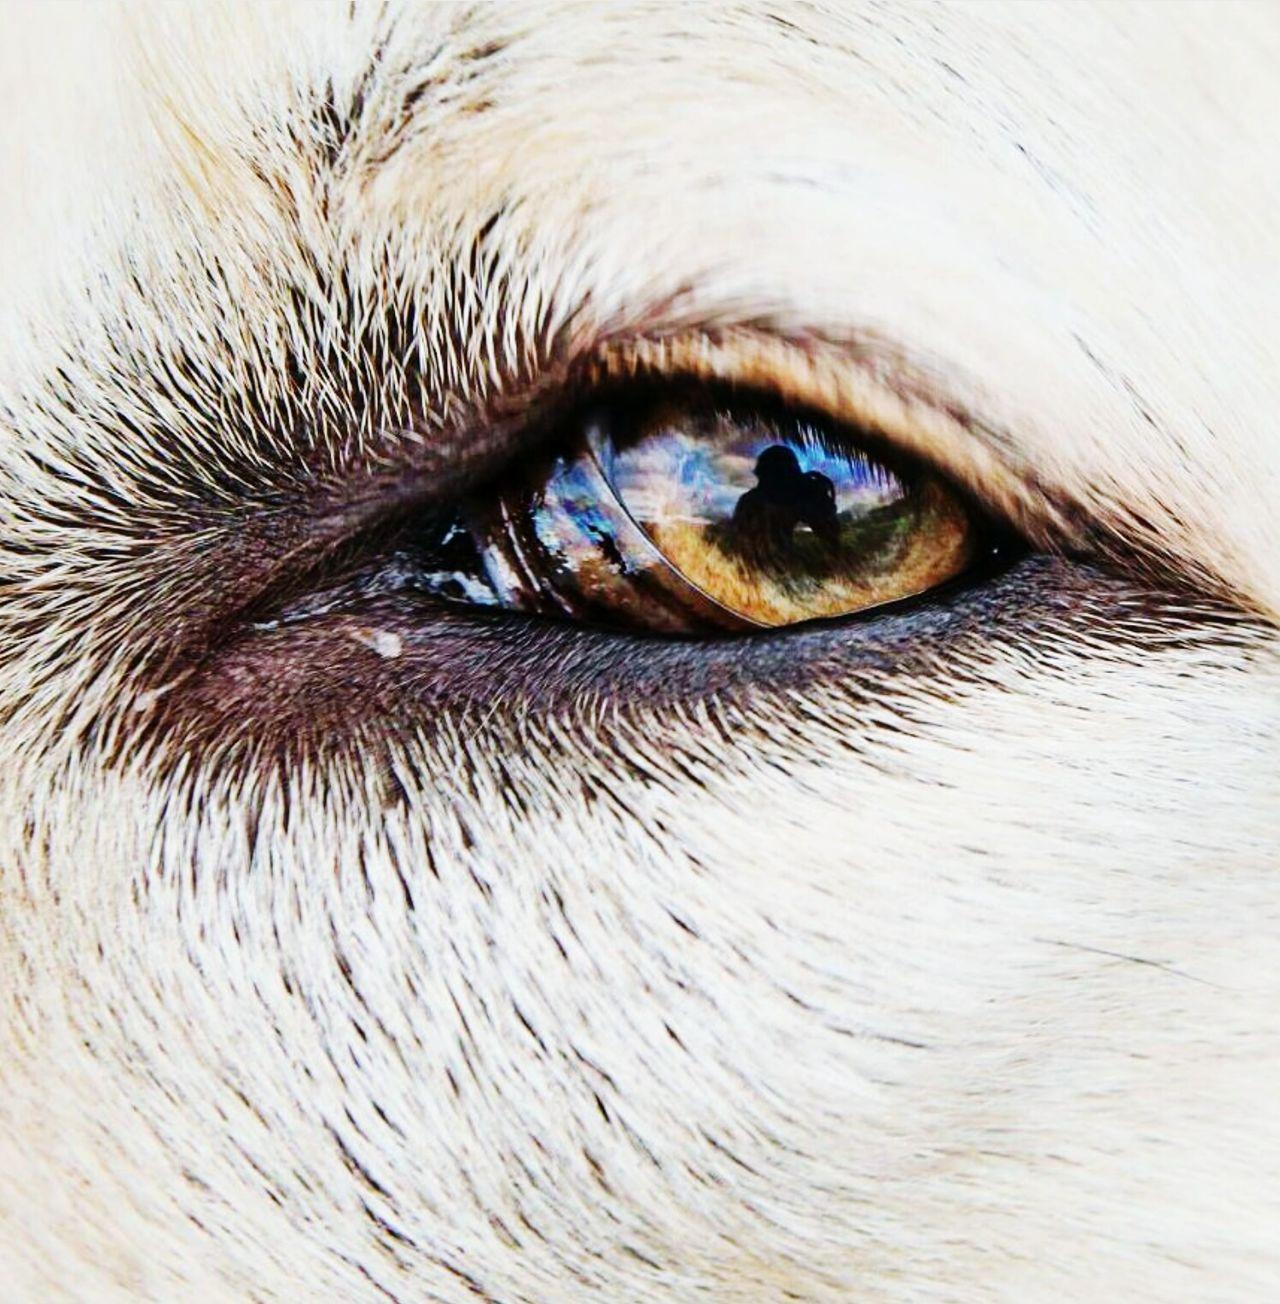 Close-up Eyelash Full Frame Eyeball Sensory Perception Iris - Eye One Person Dog Eye Dog Eyes Dog Eye4photography Dog Eyebrows Dog Eye View Real People Backgrounds Eyesight Eyebrow People Outdoors Day Adults Only Adult